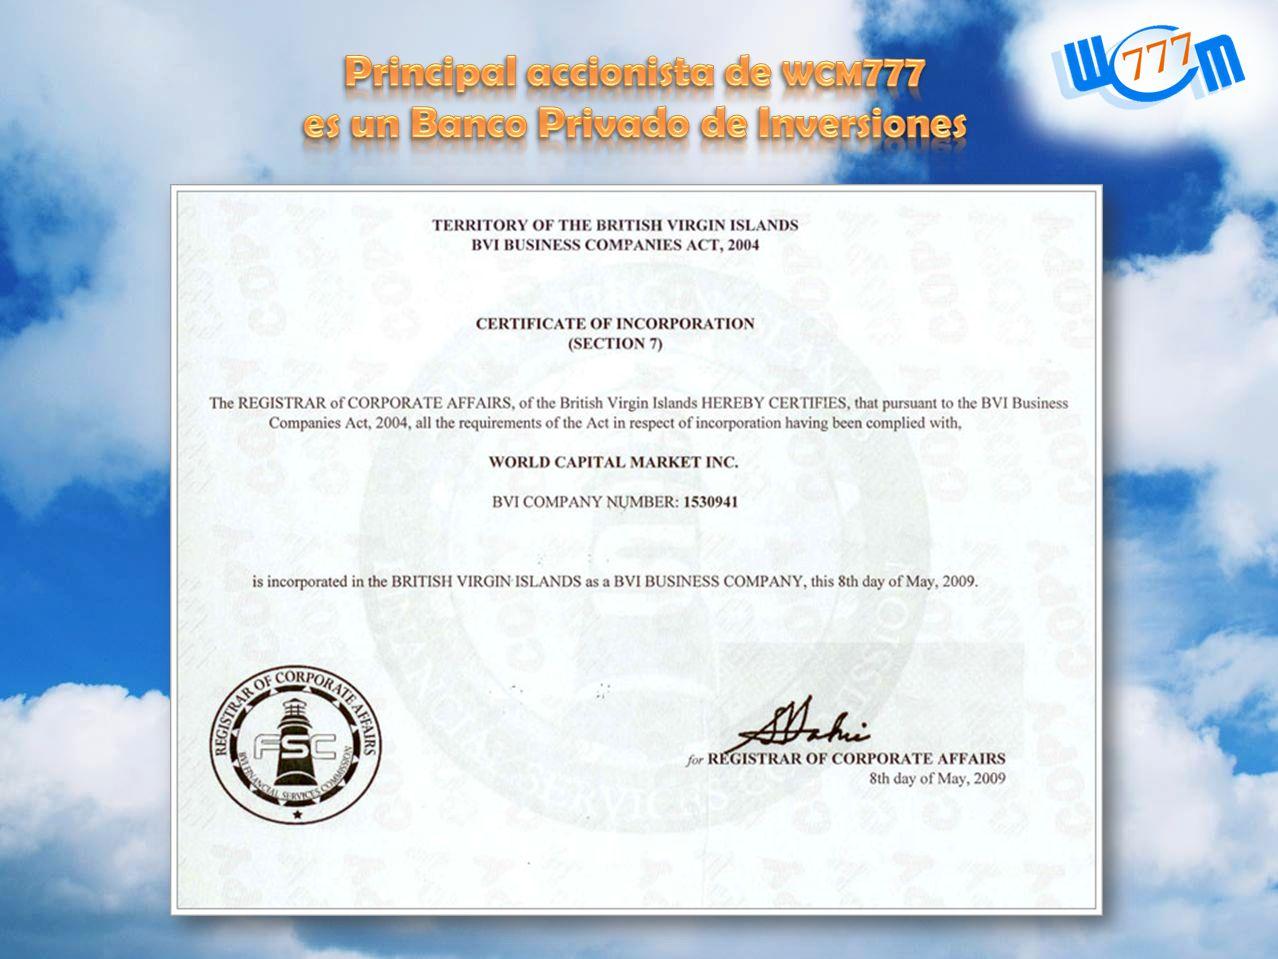 Principal accionista de wcm777 es un Banco Privado de Inversiones